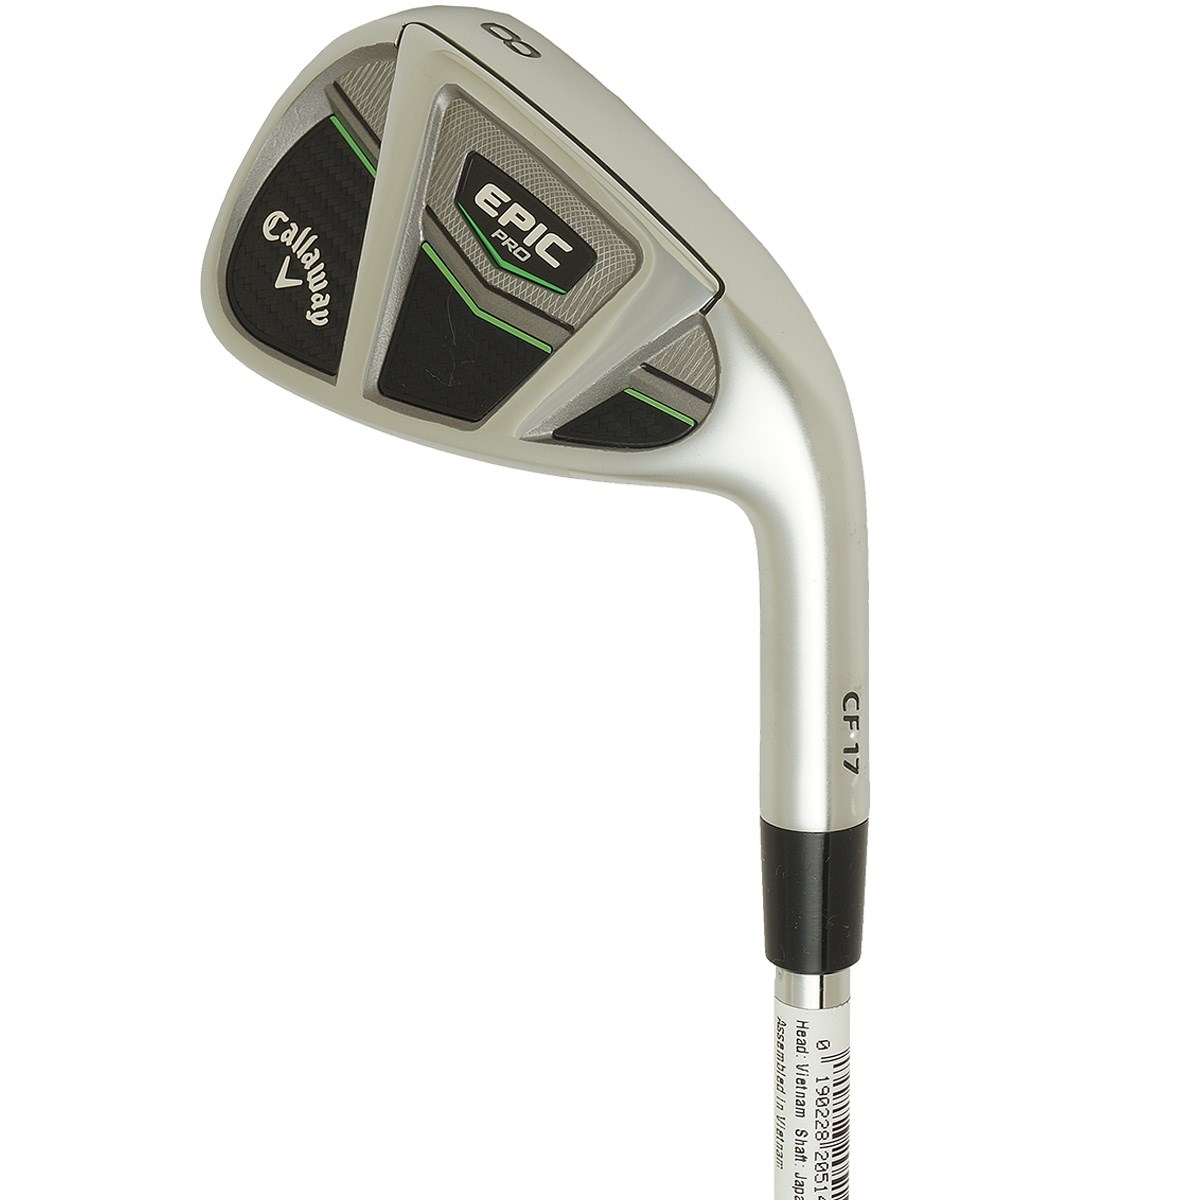 キャロウェイゴルフ(Callaway Golf) GBB エピック PRO アイアン(6本セット) N.S.PRO MODUS3 TOUR 120